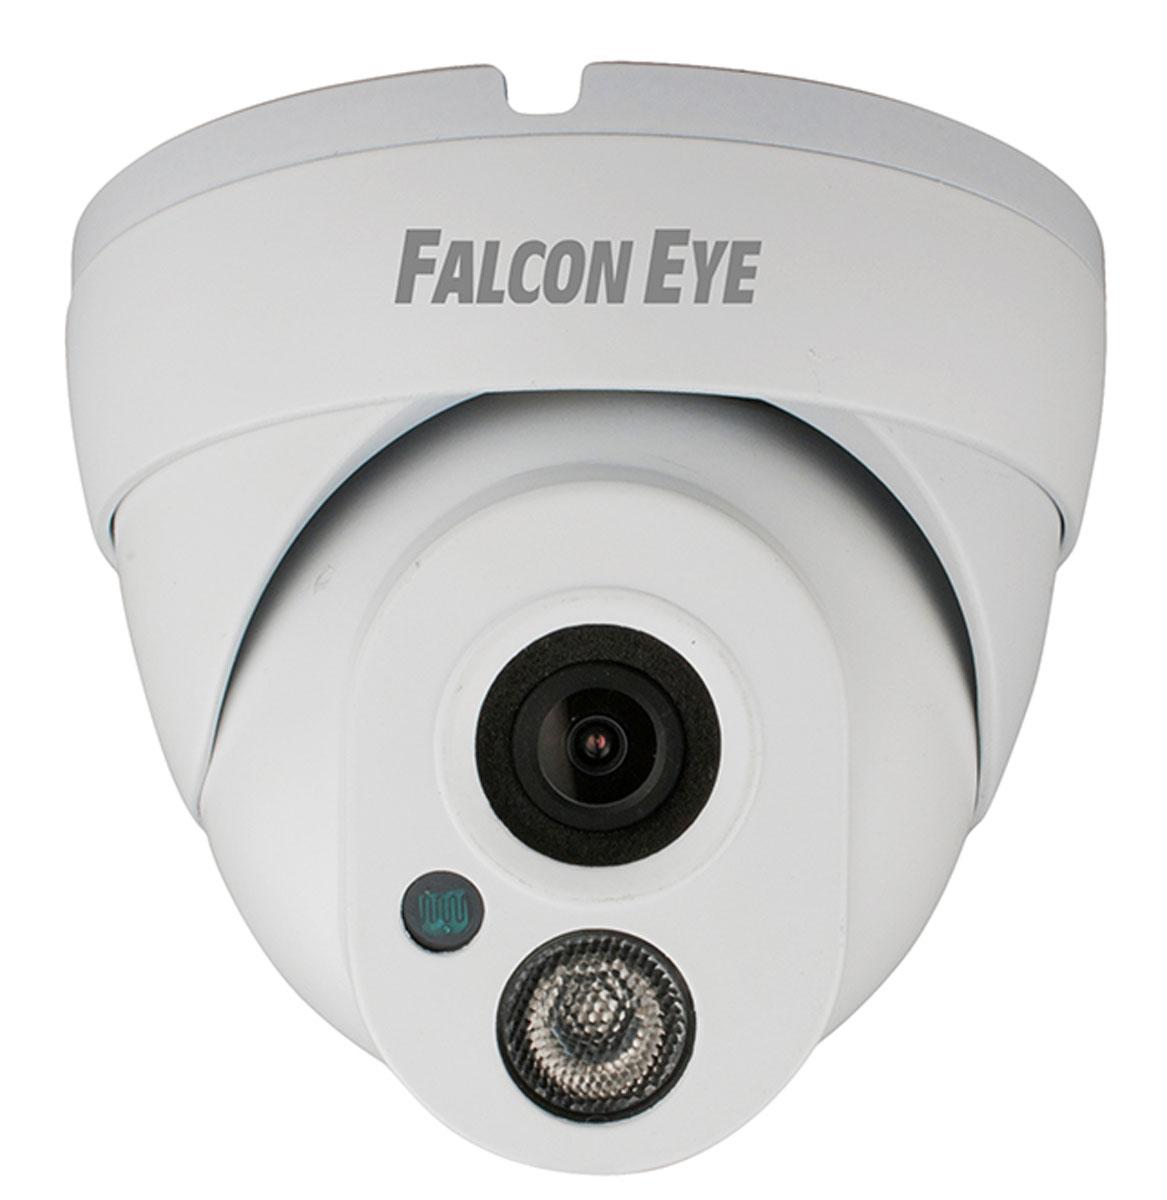 Falcon Eye FE-IPC-DL200P уличная IP-камераFE-IPC-DL200PНовая 2-мегапиксельная сетевая видеокамера Falcon Eye FE-IPC-DL200P выполнена на CMOS матрице 1/2.8 Sony CMOS с разрешением 2,43 мегапикселя. На камере установлен 5-мегапиксельный объектив с фиксированным фокусным расстоянием 3,6 мм. Камера выполнена в миниатюрном металлическом корпусе и способна выдавать в сеть видеопоток с разрешением 1920 х 1080Р. Возможность работать по Poe и аналоговый видеовыход являются дополнительным бонусом устройства.Скоростьзатвора: 1/25 - 1/10000День/Ночь: Авто/Ч/Б/Цвет/Внешняя подсветкаФункции: DWDR, Mirror, 3D NR, настройки изображенияКодирование: два потока, основной поток:1920 х 1080 25 к/сВидео битрейт: 16Kbps-8000KbpsПоддержкамобильных платформ IOS, AndroidПотребляемая мощность: менее 5 ВтКак выбрать камеру видеонаблюдения для дома. Статья OZON Гид